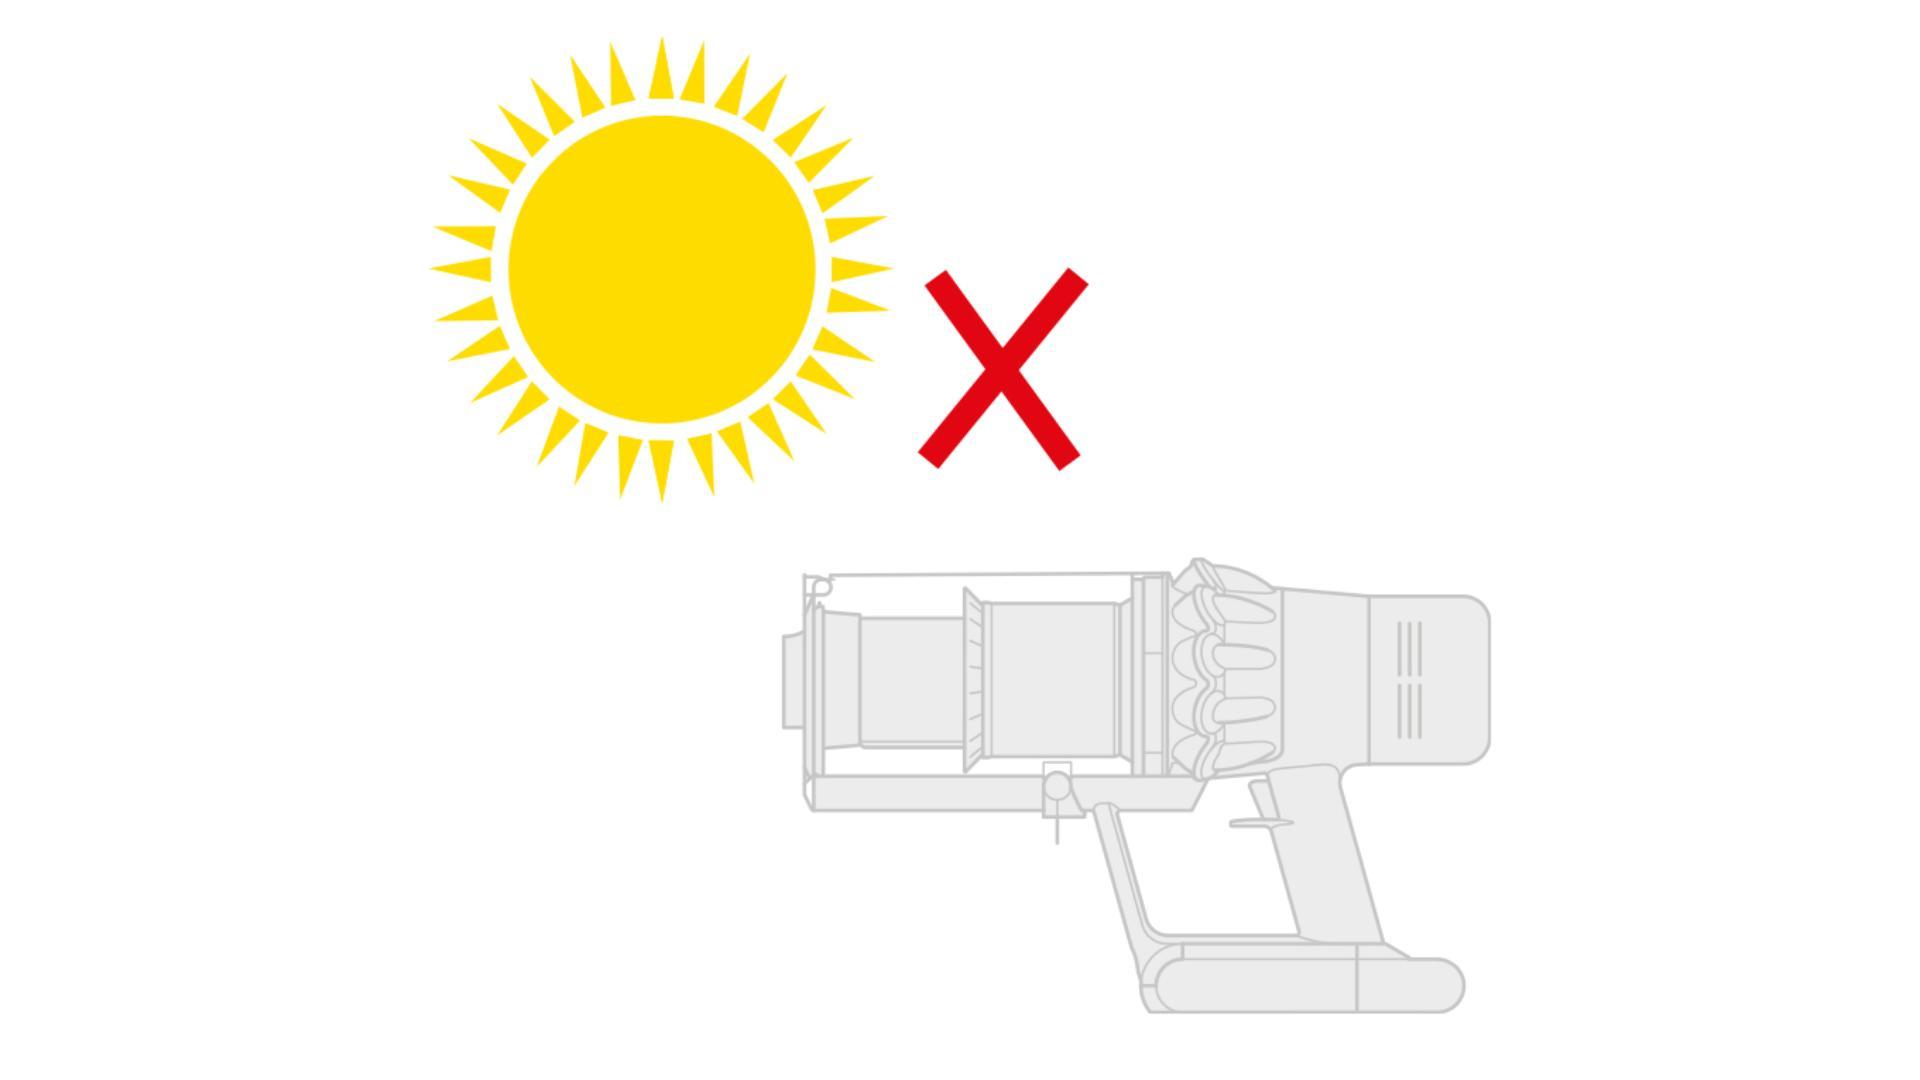 직사광선에서 다이슨 무선 청소기 배터리 성능이 저하될 수 있음을 보여주는 태양과 붉은 십자가 다이어그램